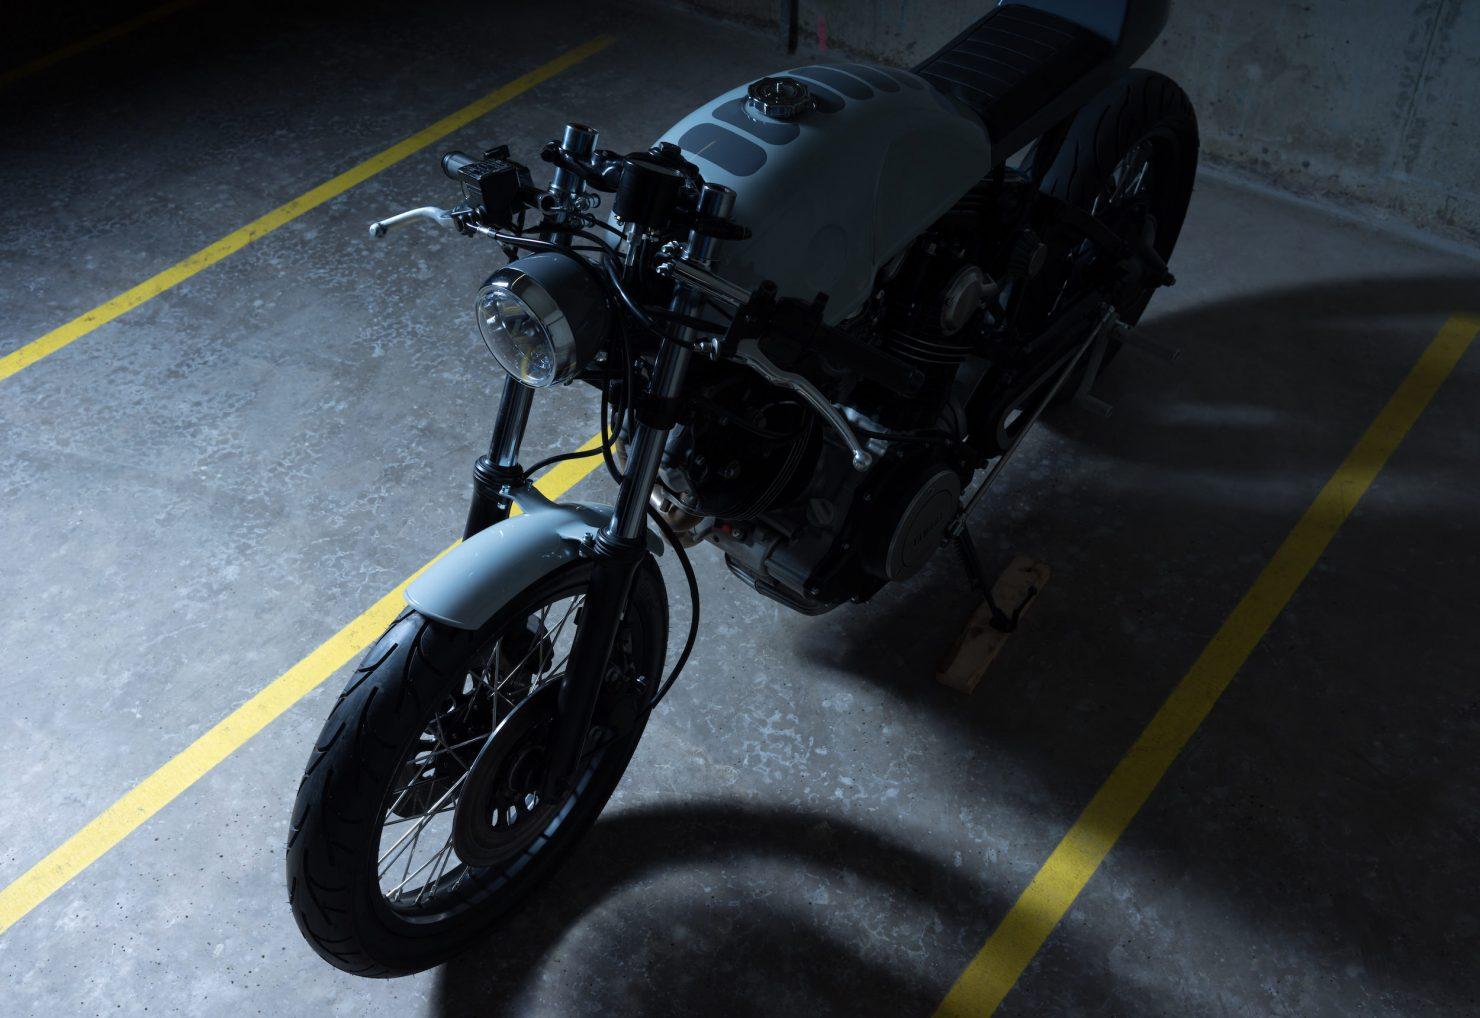 Yamaha Virago XV750 11 1480x1018 - Elemental Custom Cycles Yamaha XV750